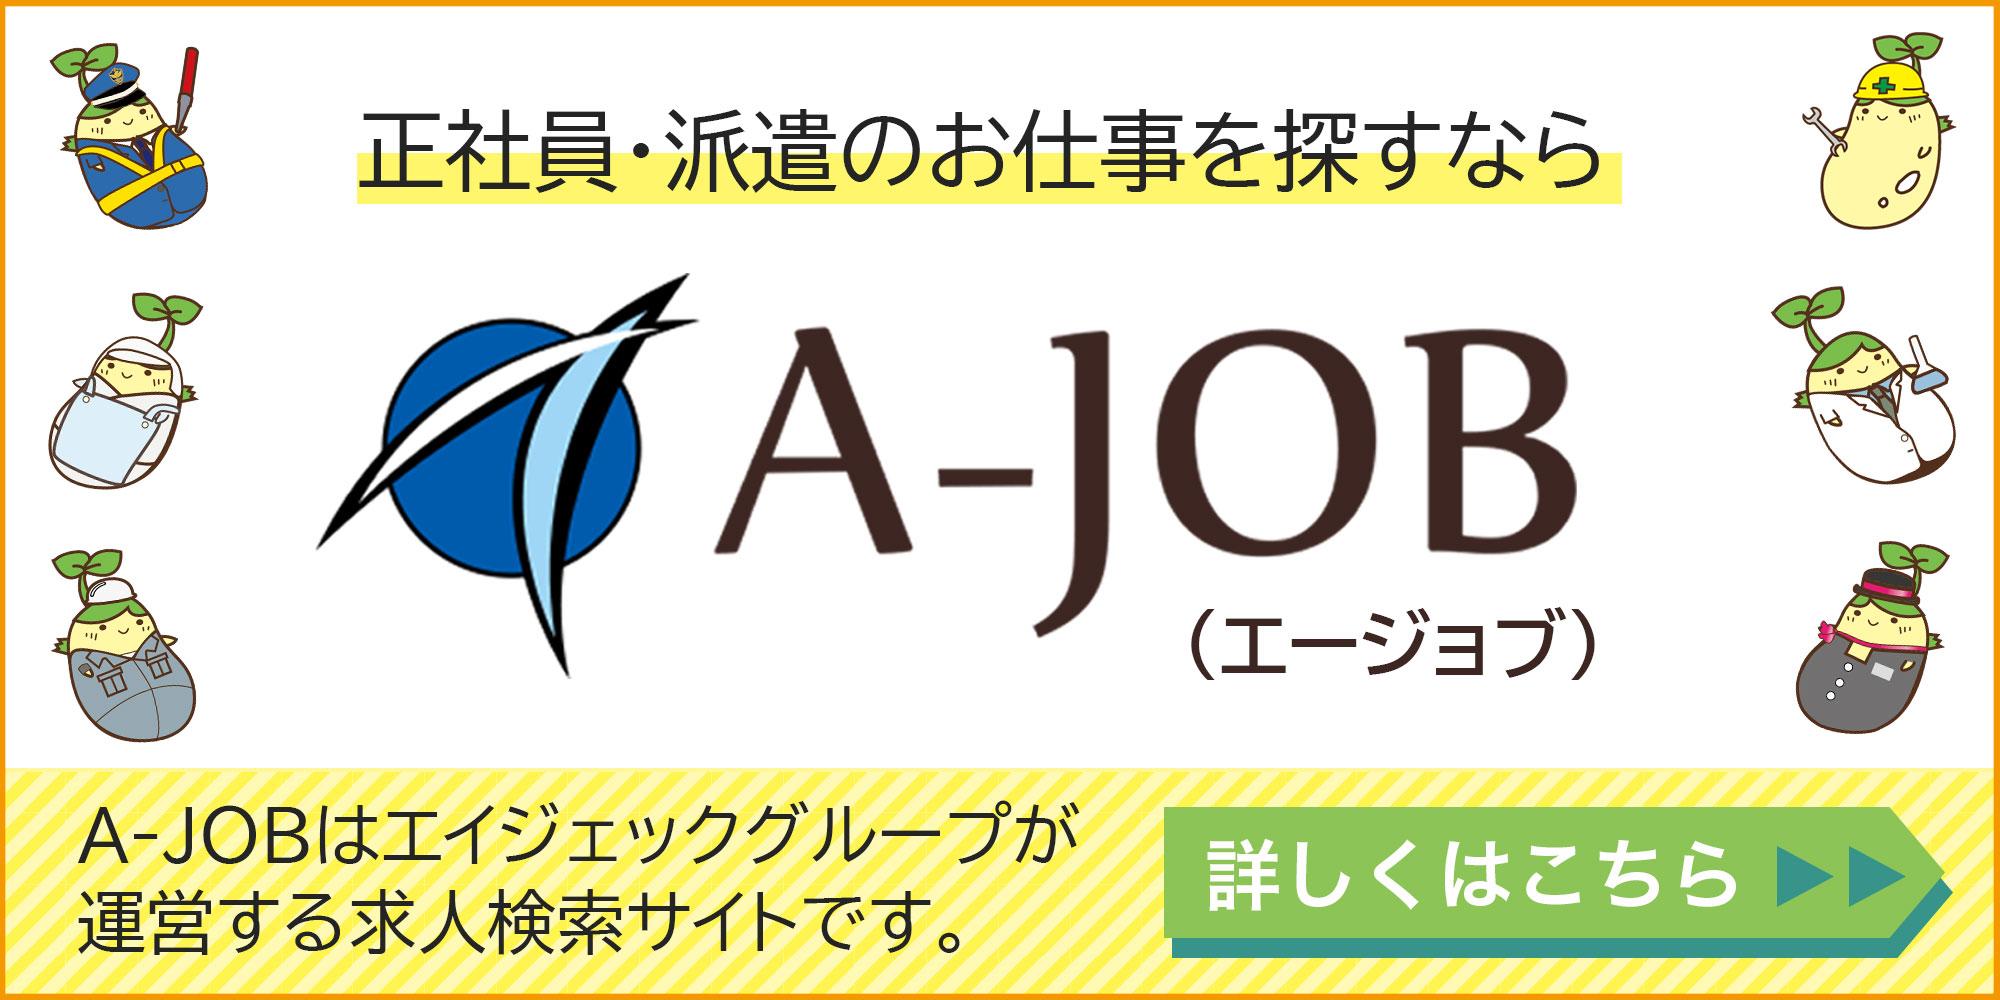 A-JOB(エージョブ)はエイジェックグループが運営する求人検索サイトです。